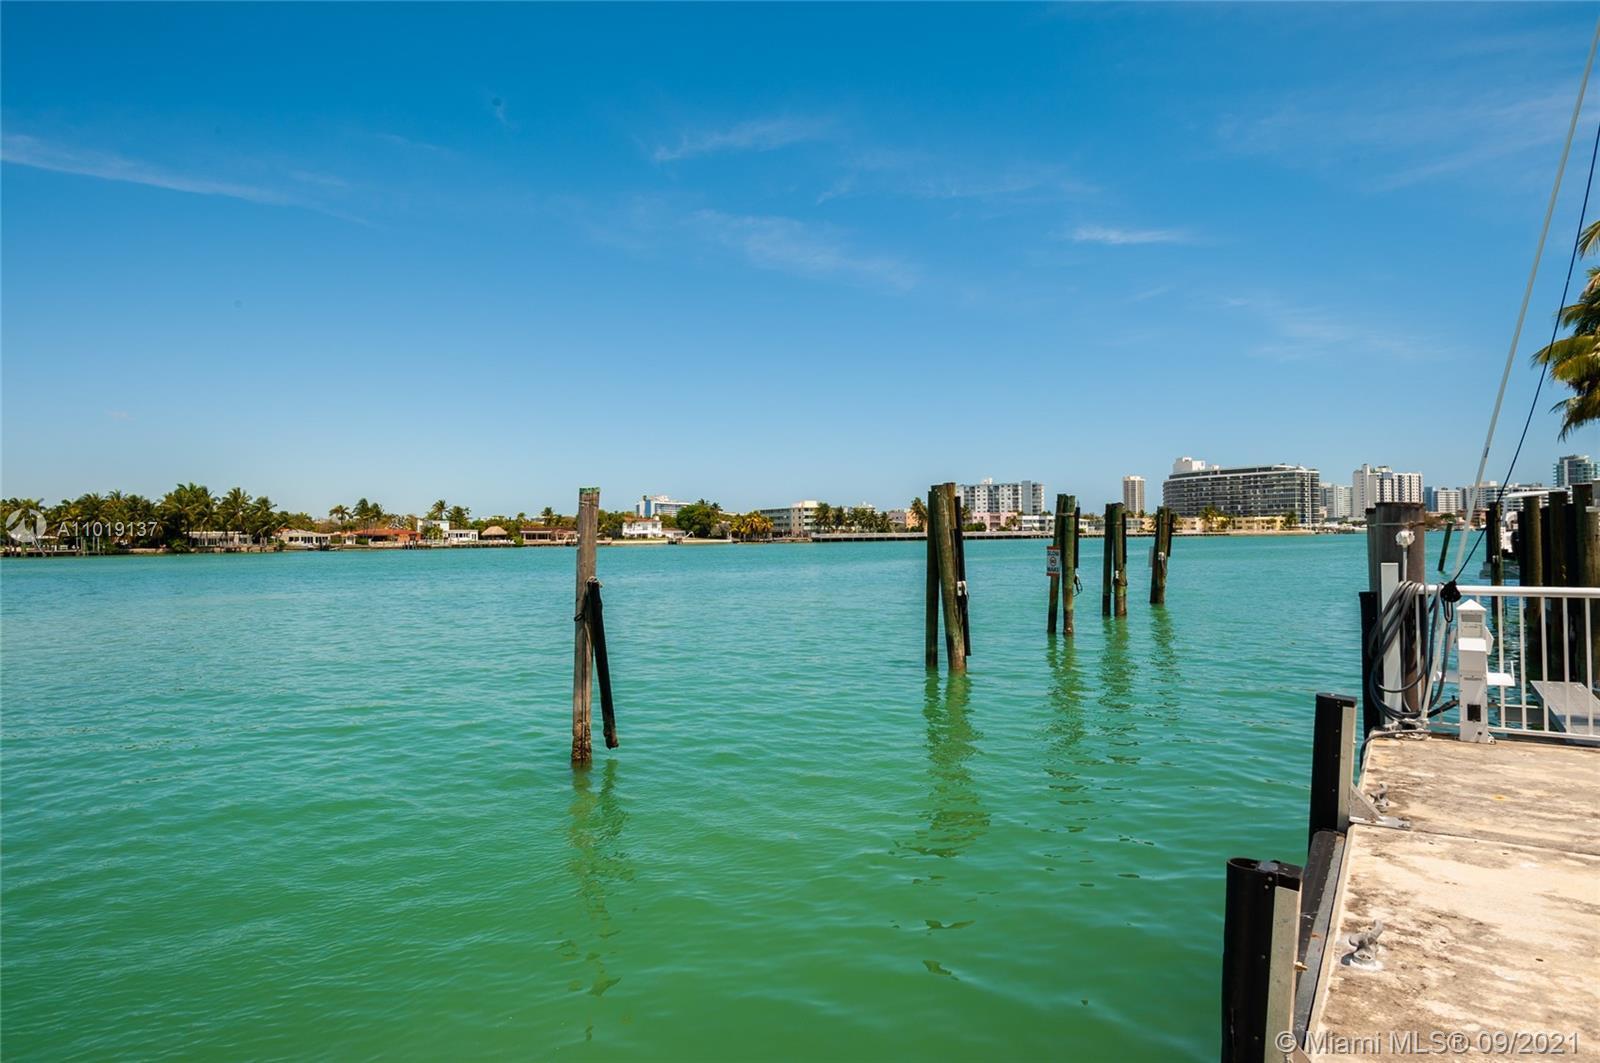 58 La gorce cir- miami-beach-fl-33141-a11019137-Pic01